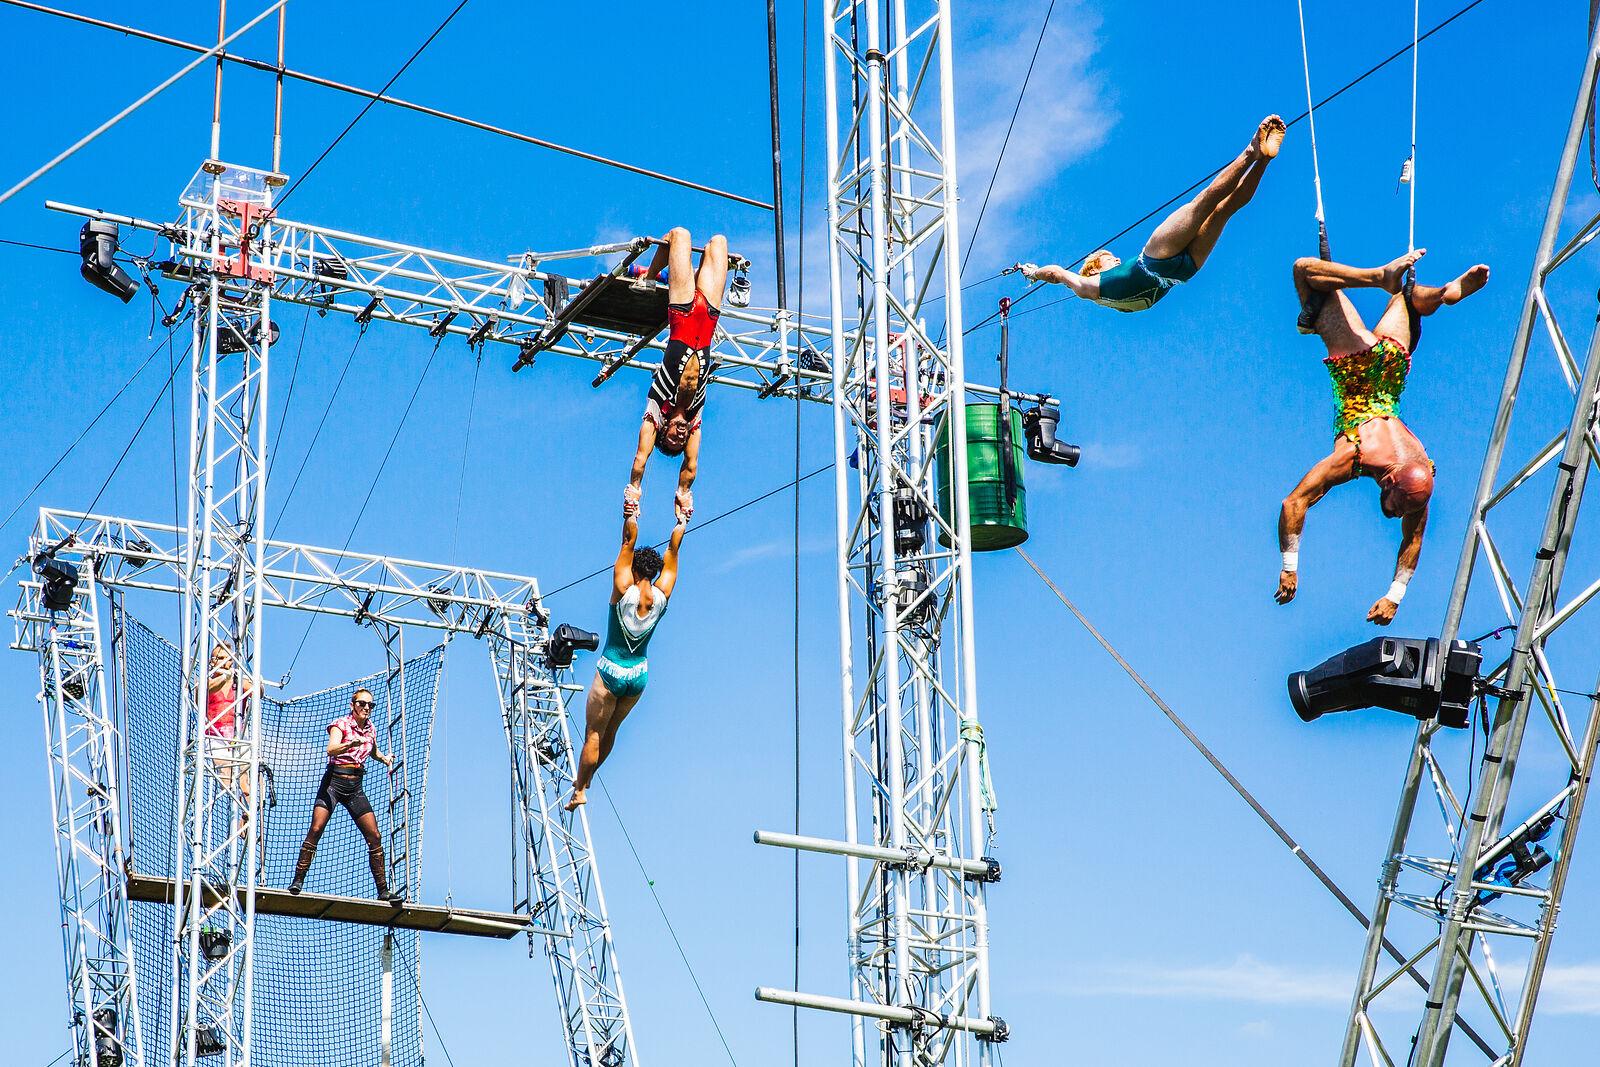 Guerilla Circus